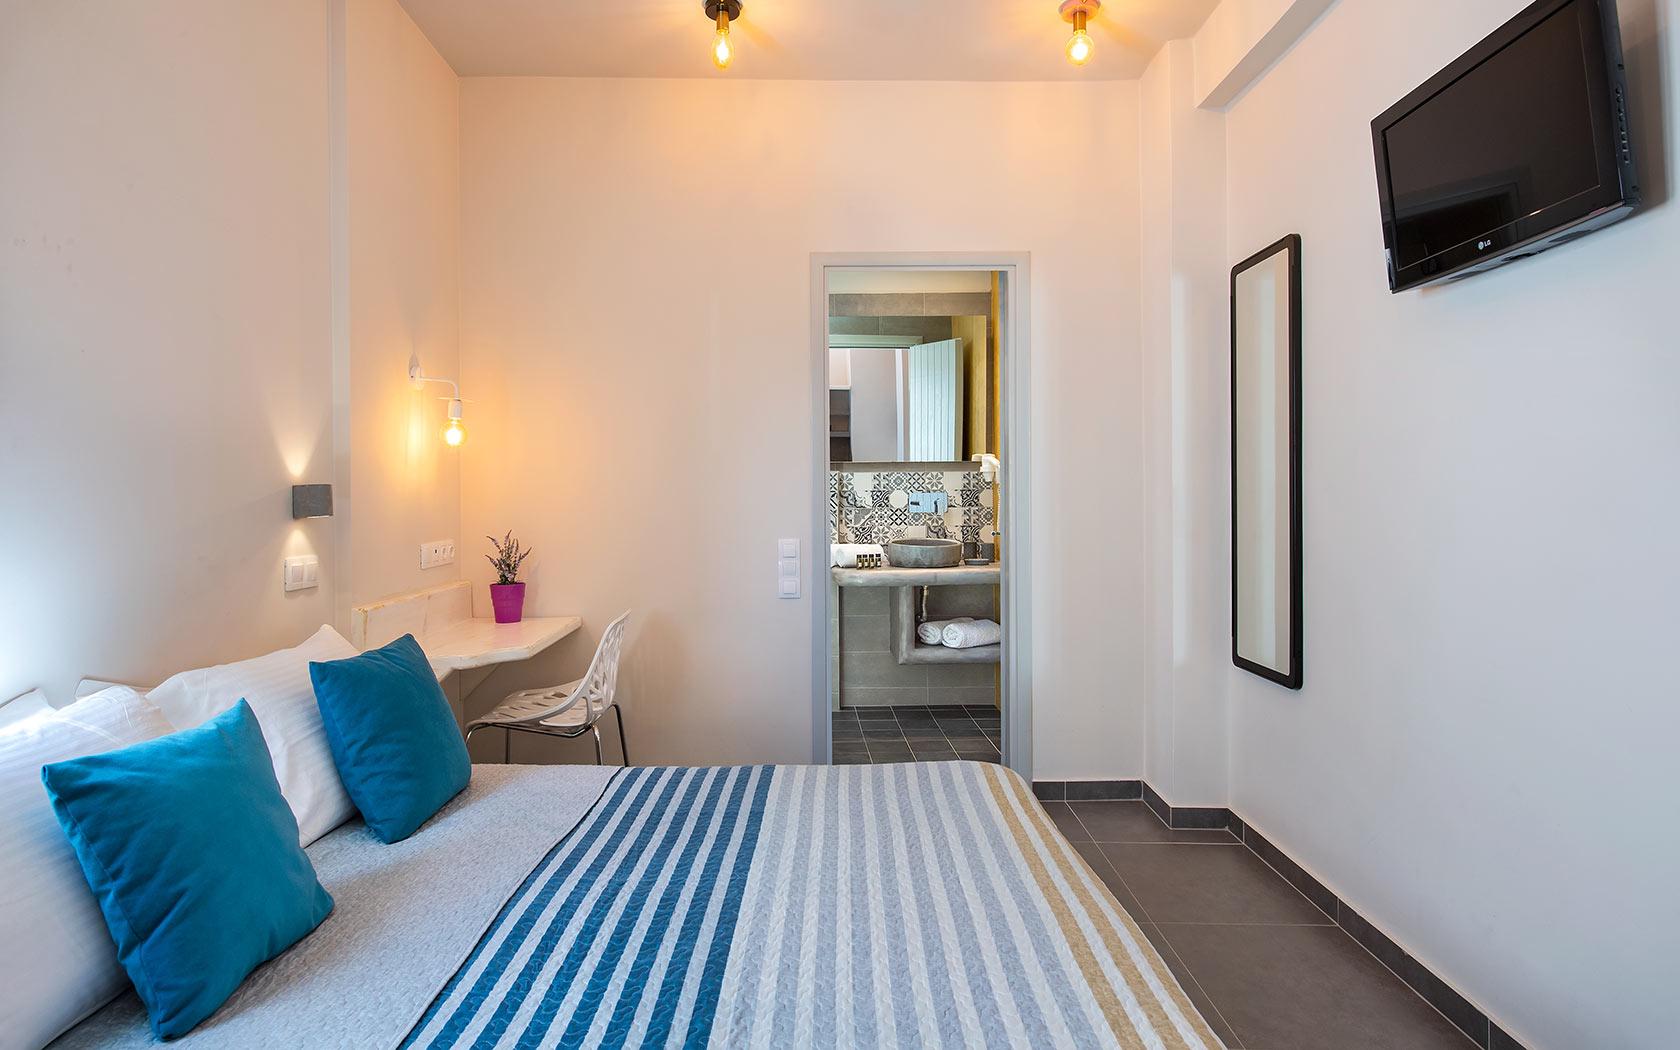 Mẫu phòng ngủ có nhà vệ sinh bố trí nội thất đơn giản.